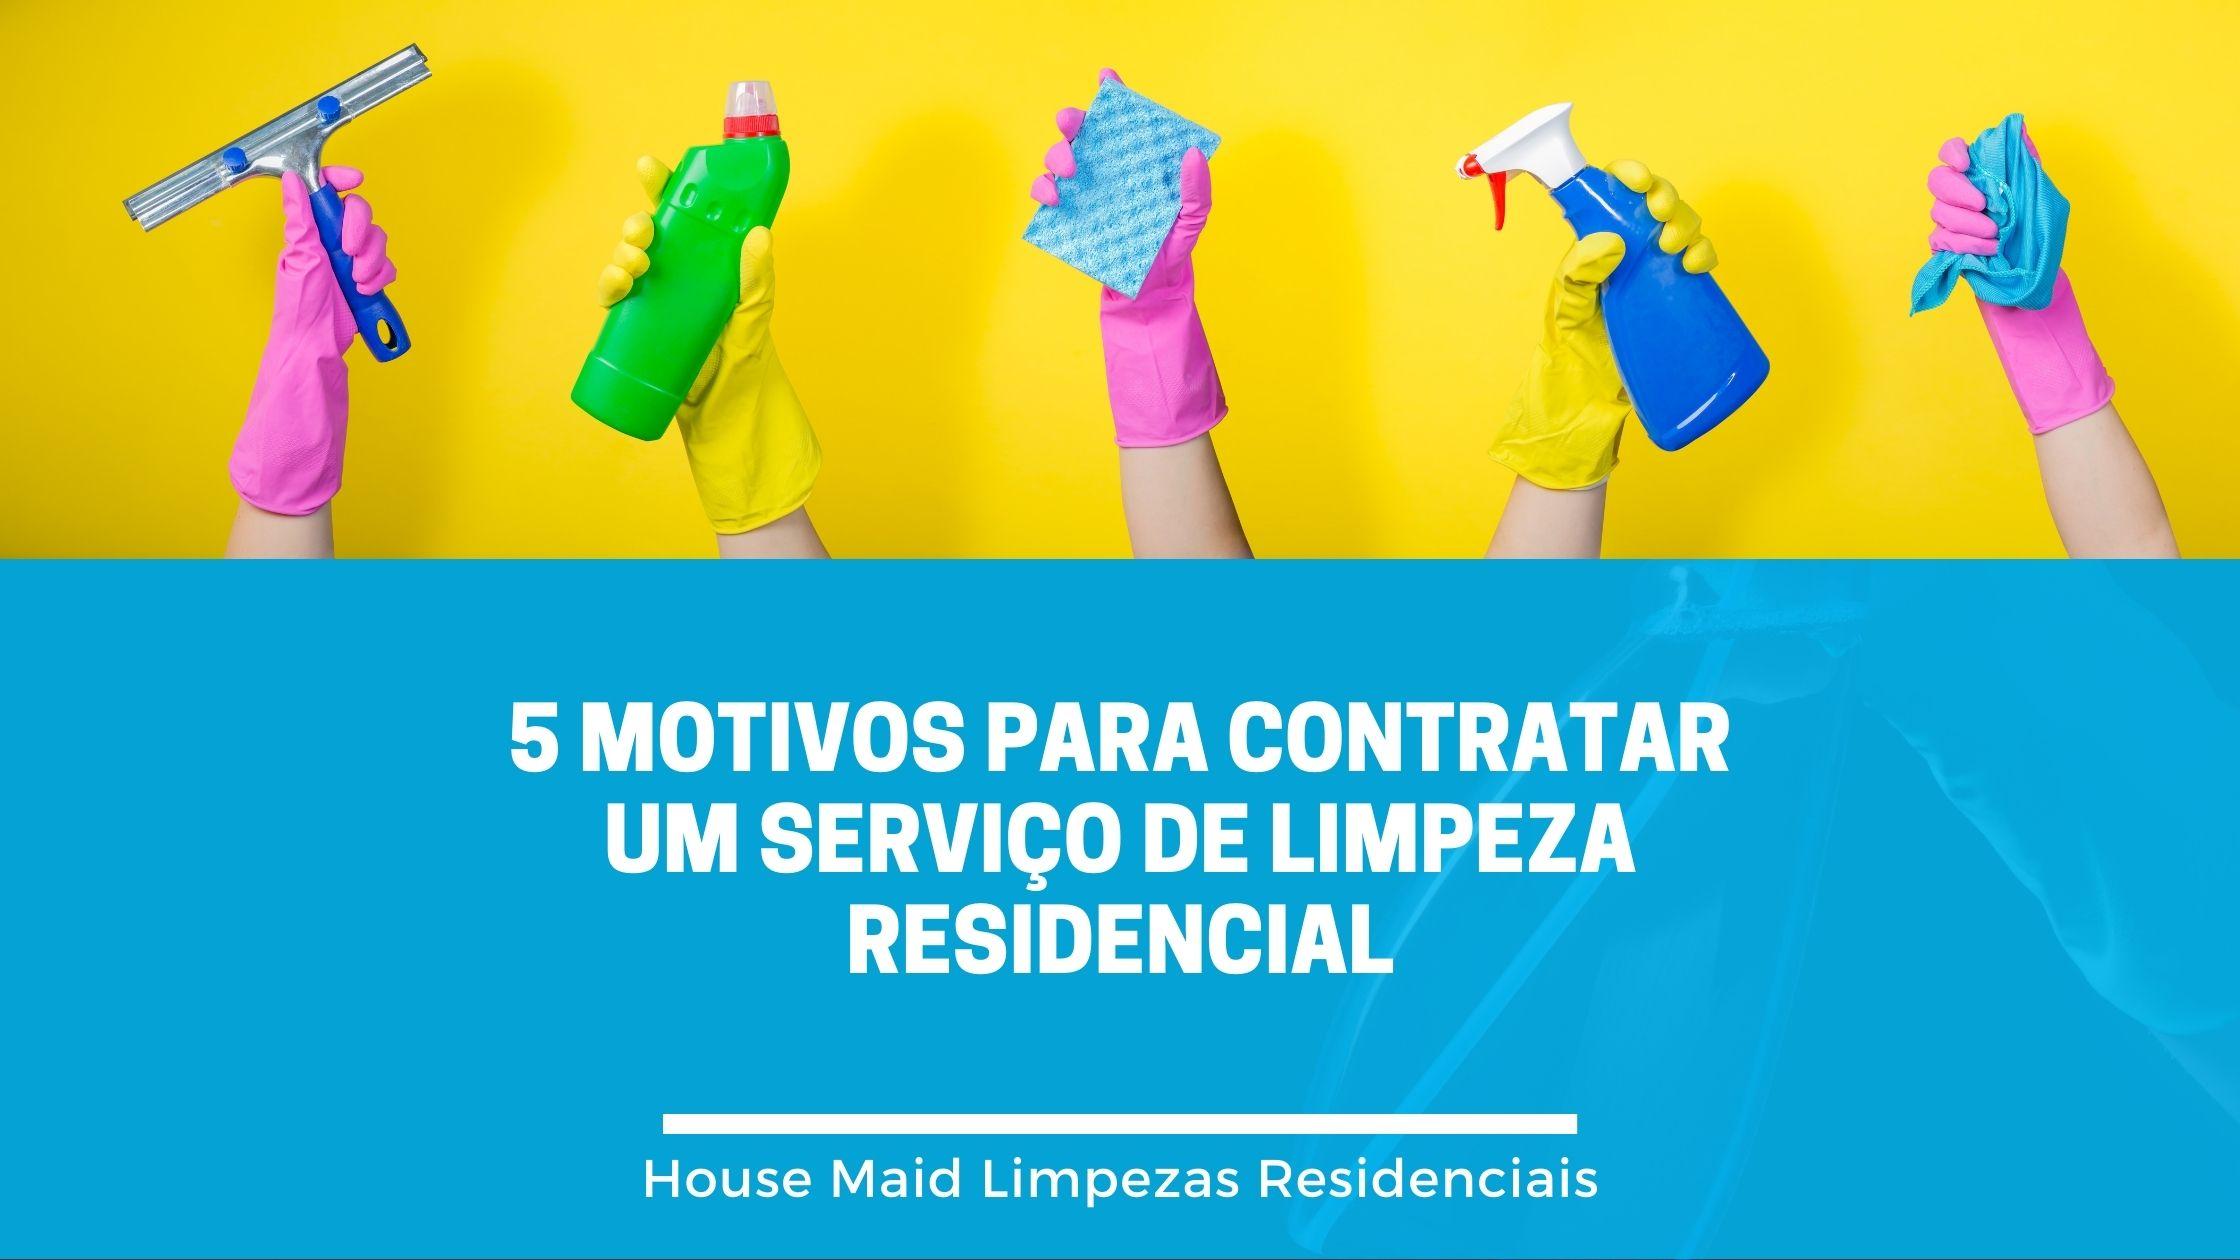 5 motivos para contratar um serviço de limpeza residencial